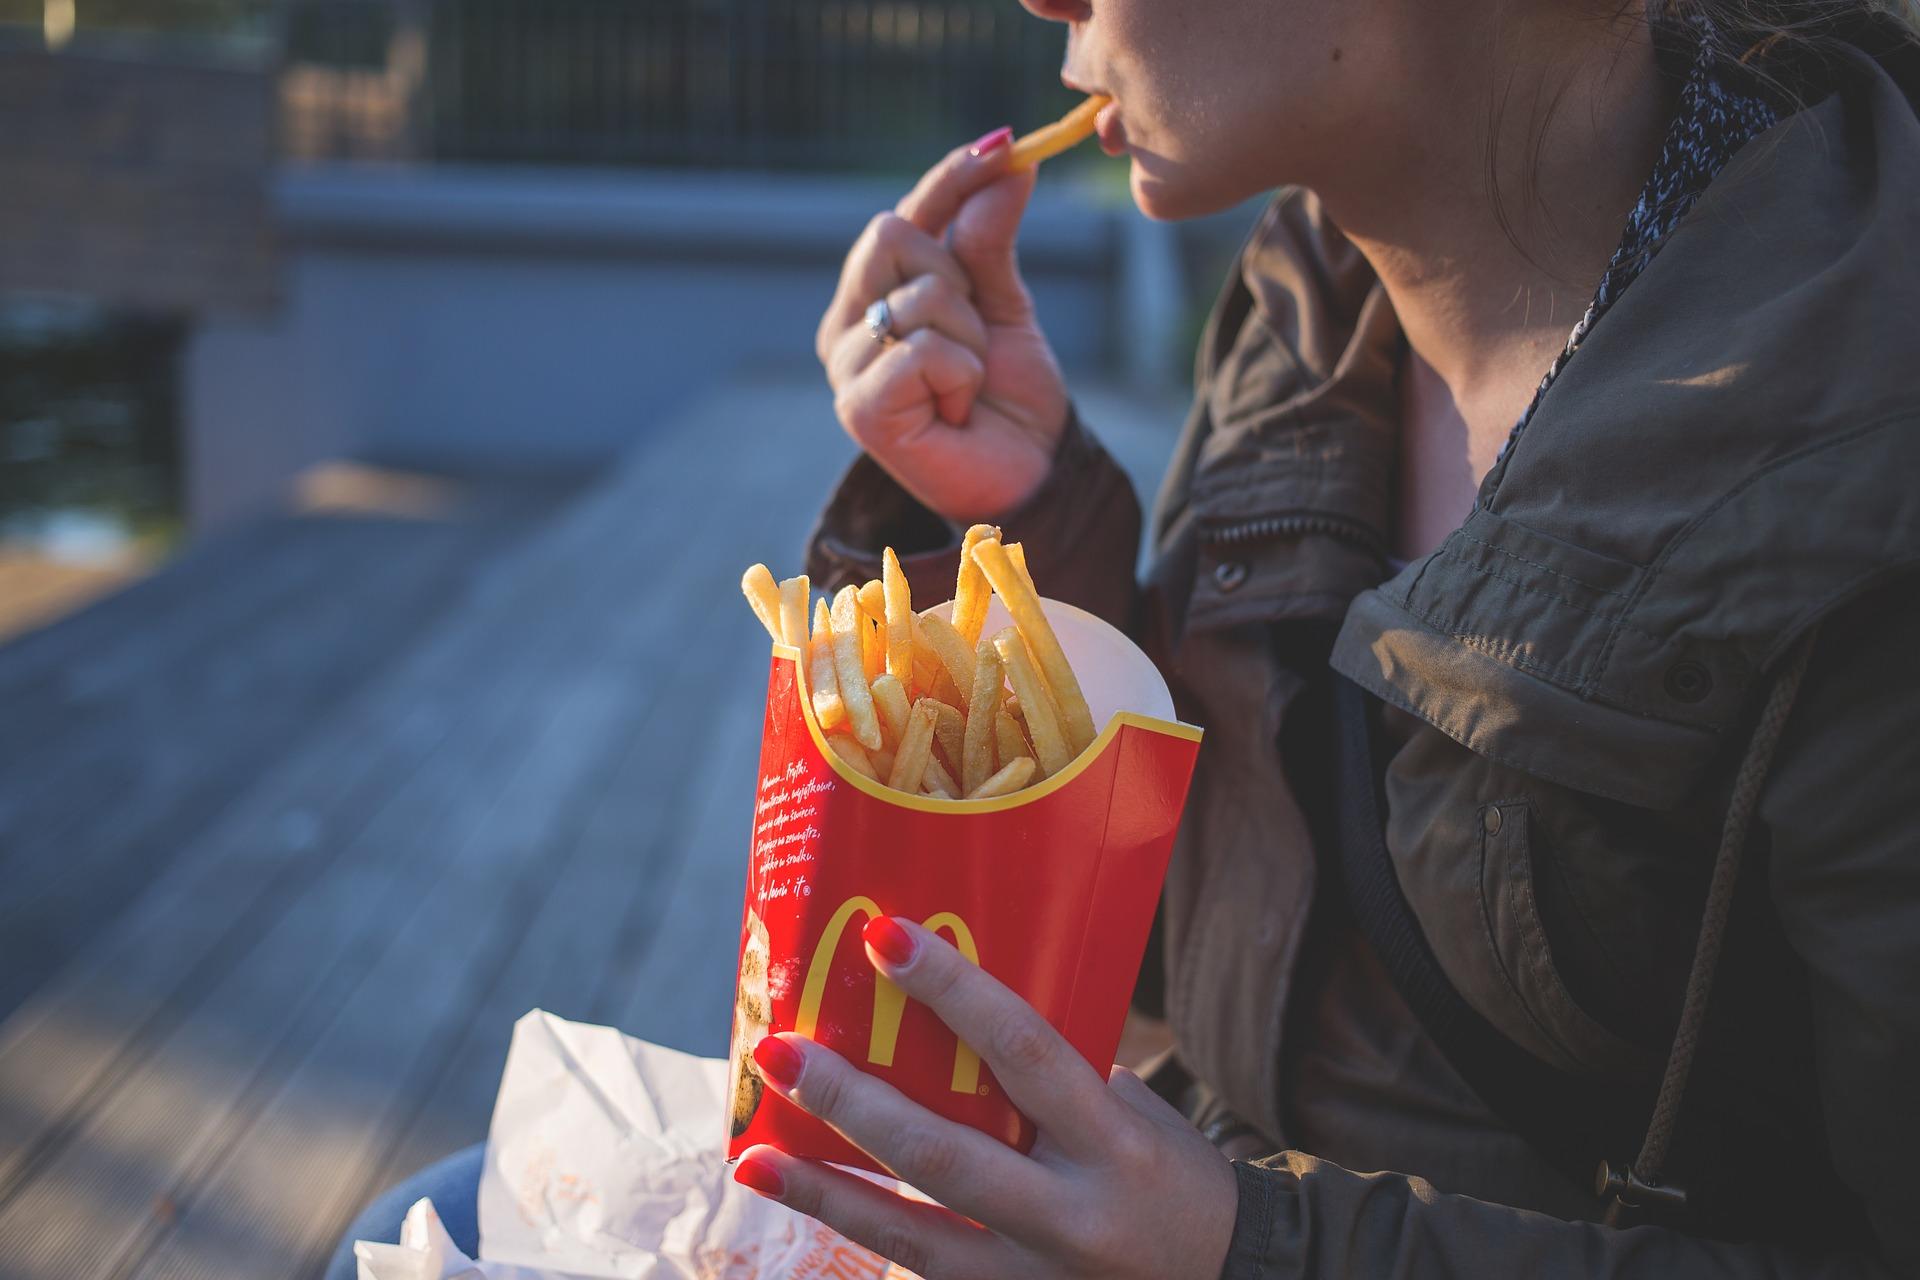 Le patatine di McDonald's suggeriscono un rimedio contro la calvizie